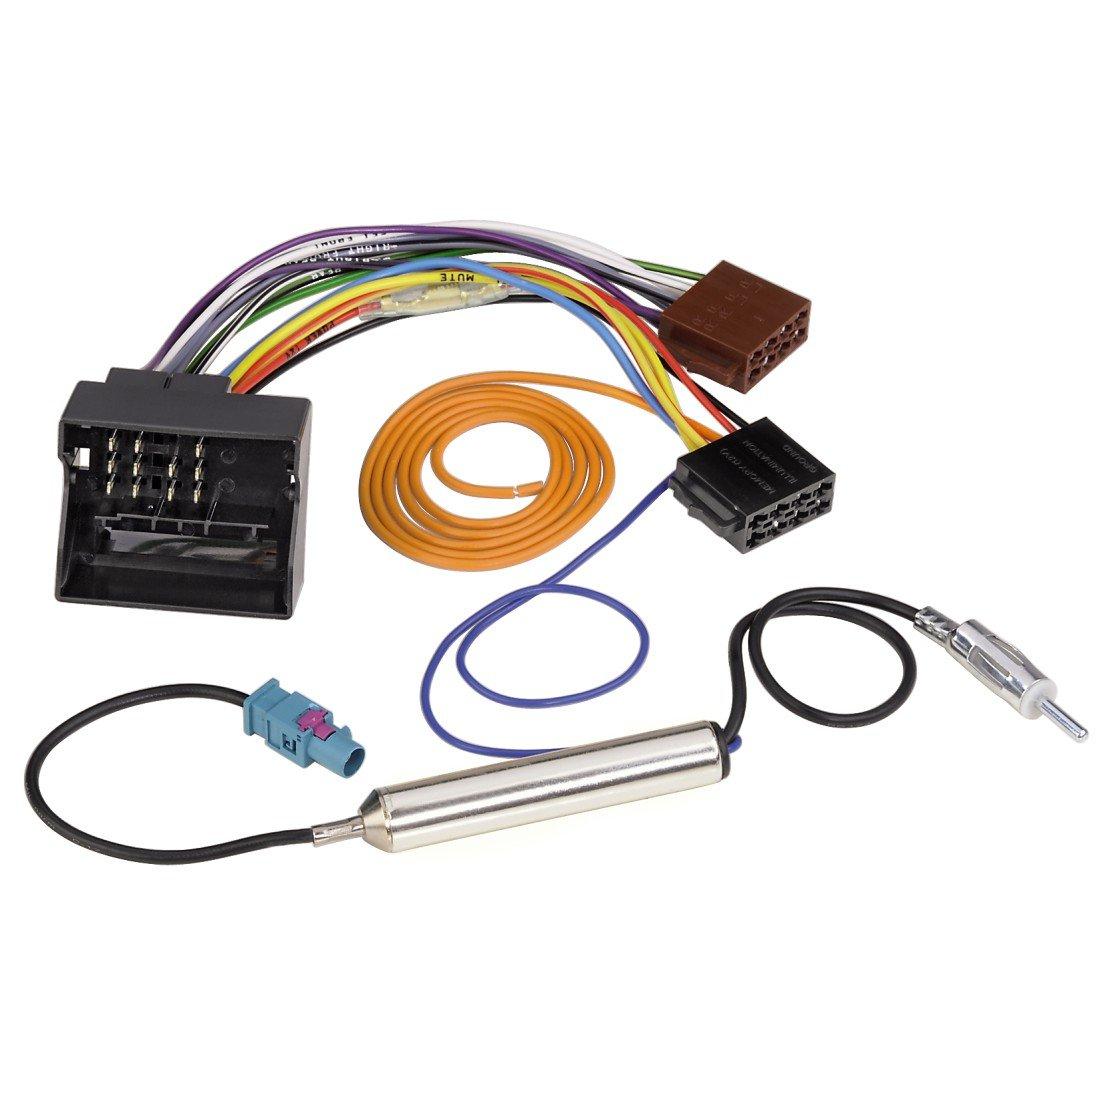 Hama Adaptateur DIN avec alimentation fantôme (Import Allemagne) 00080739 Batterie PC station d' accueil